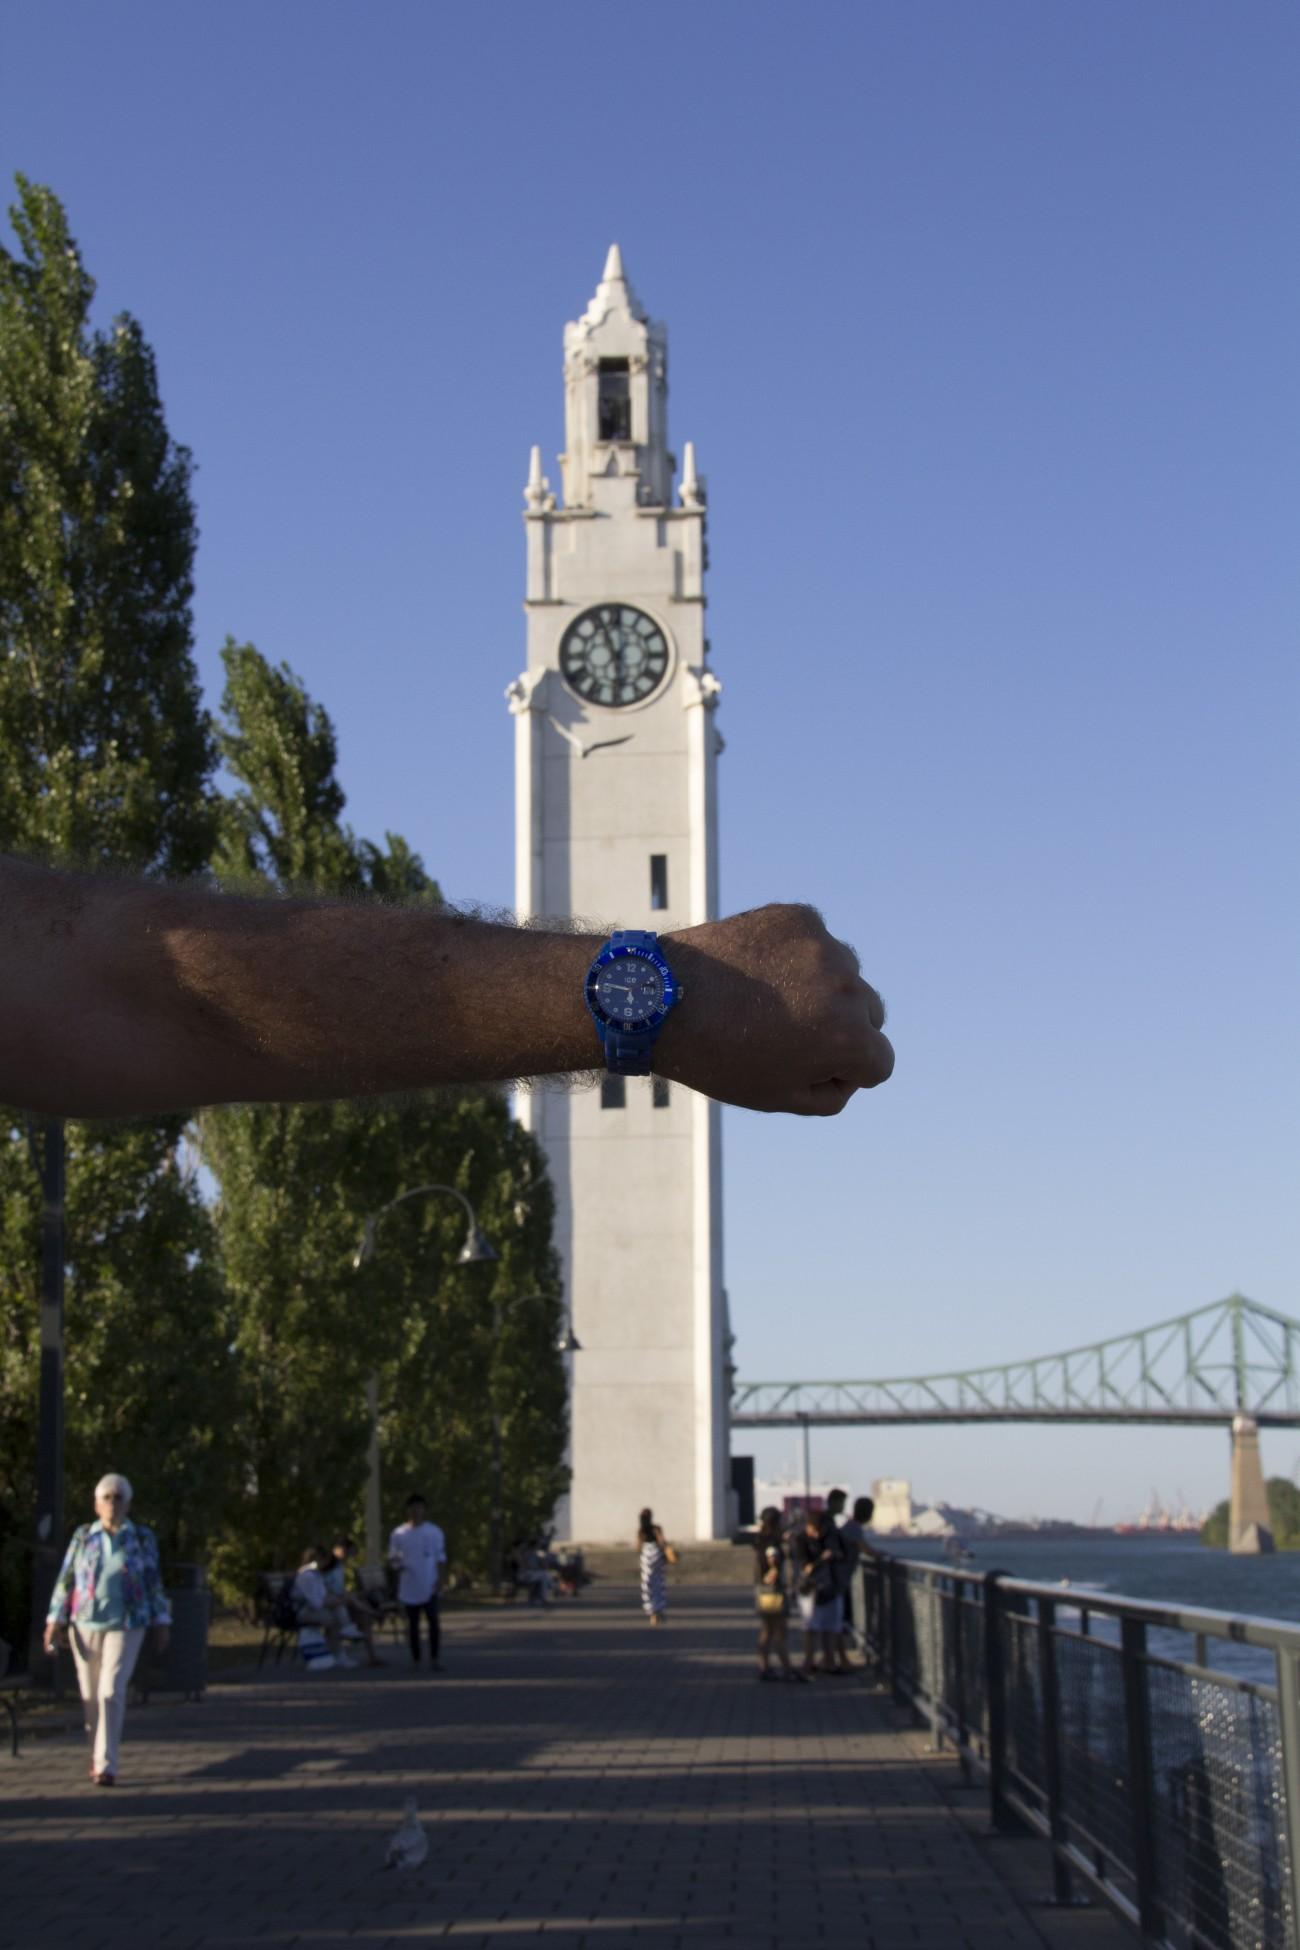 Steve Giasson. Performance invisible n° 21 (Reculer l'heure de sa montre de 10 minutes). Performeur : Steve Giasson. Crédit photographique : Daniel Roy. 4 septembre 2015.